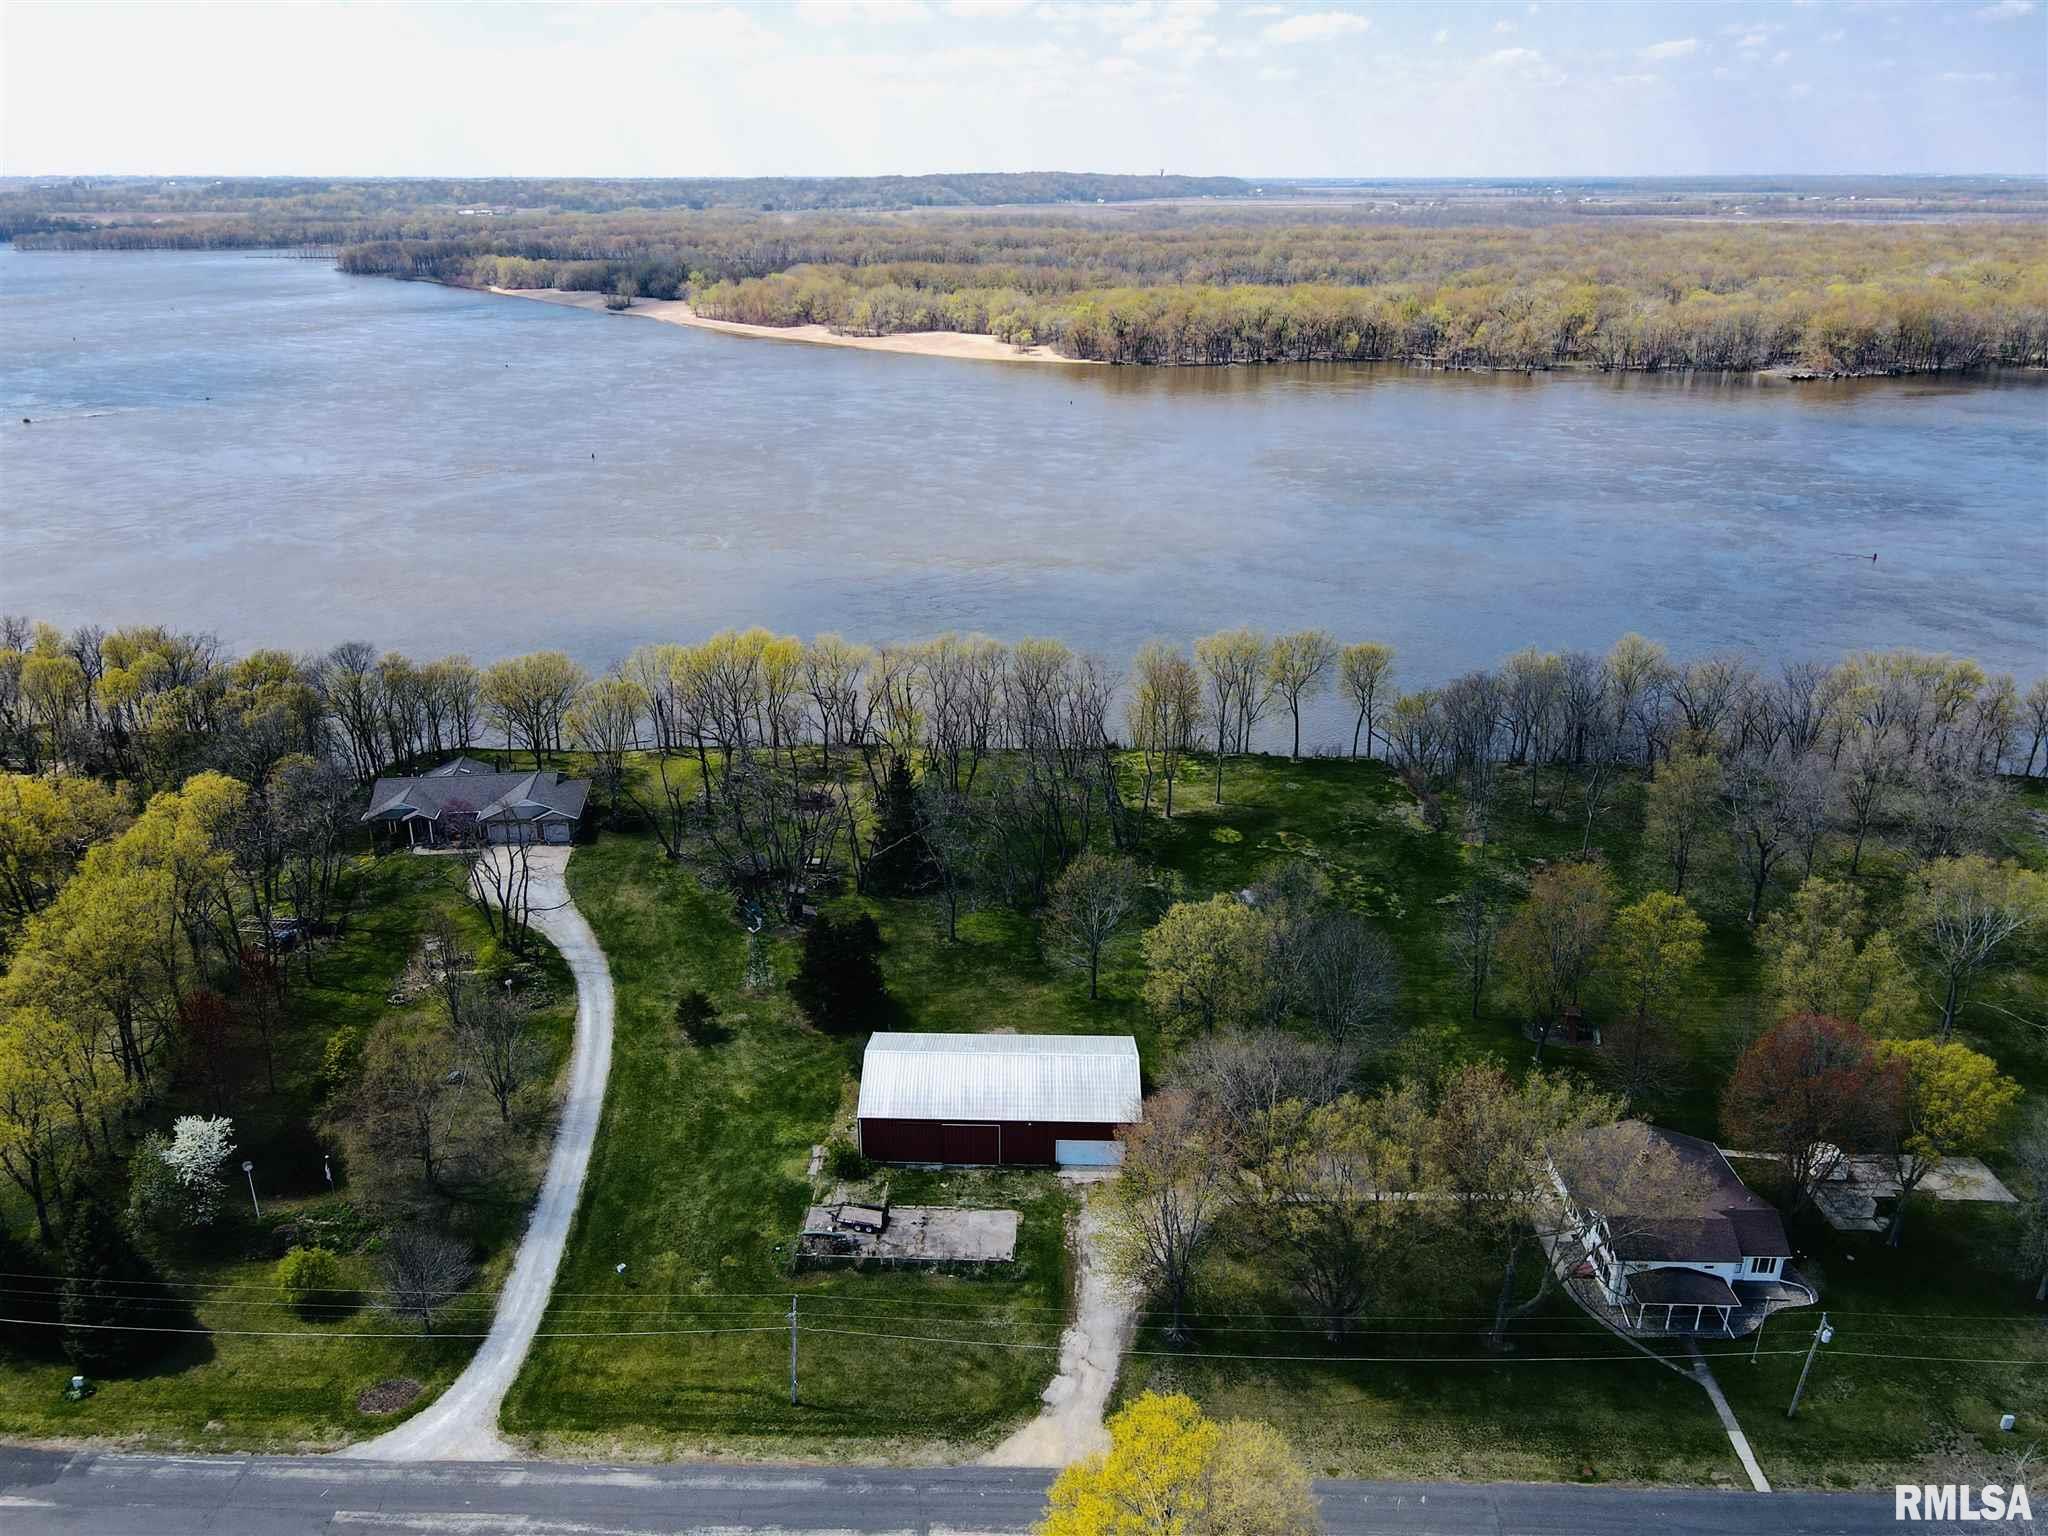 17154 RIVER Property Photo - Cordova, IL real estate listing